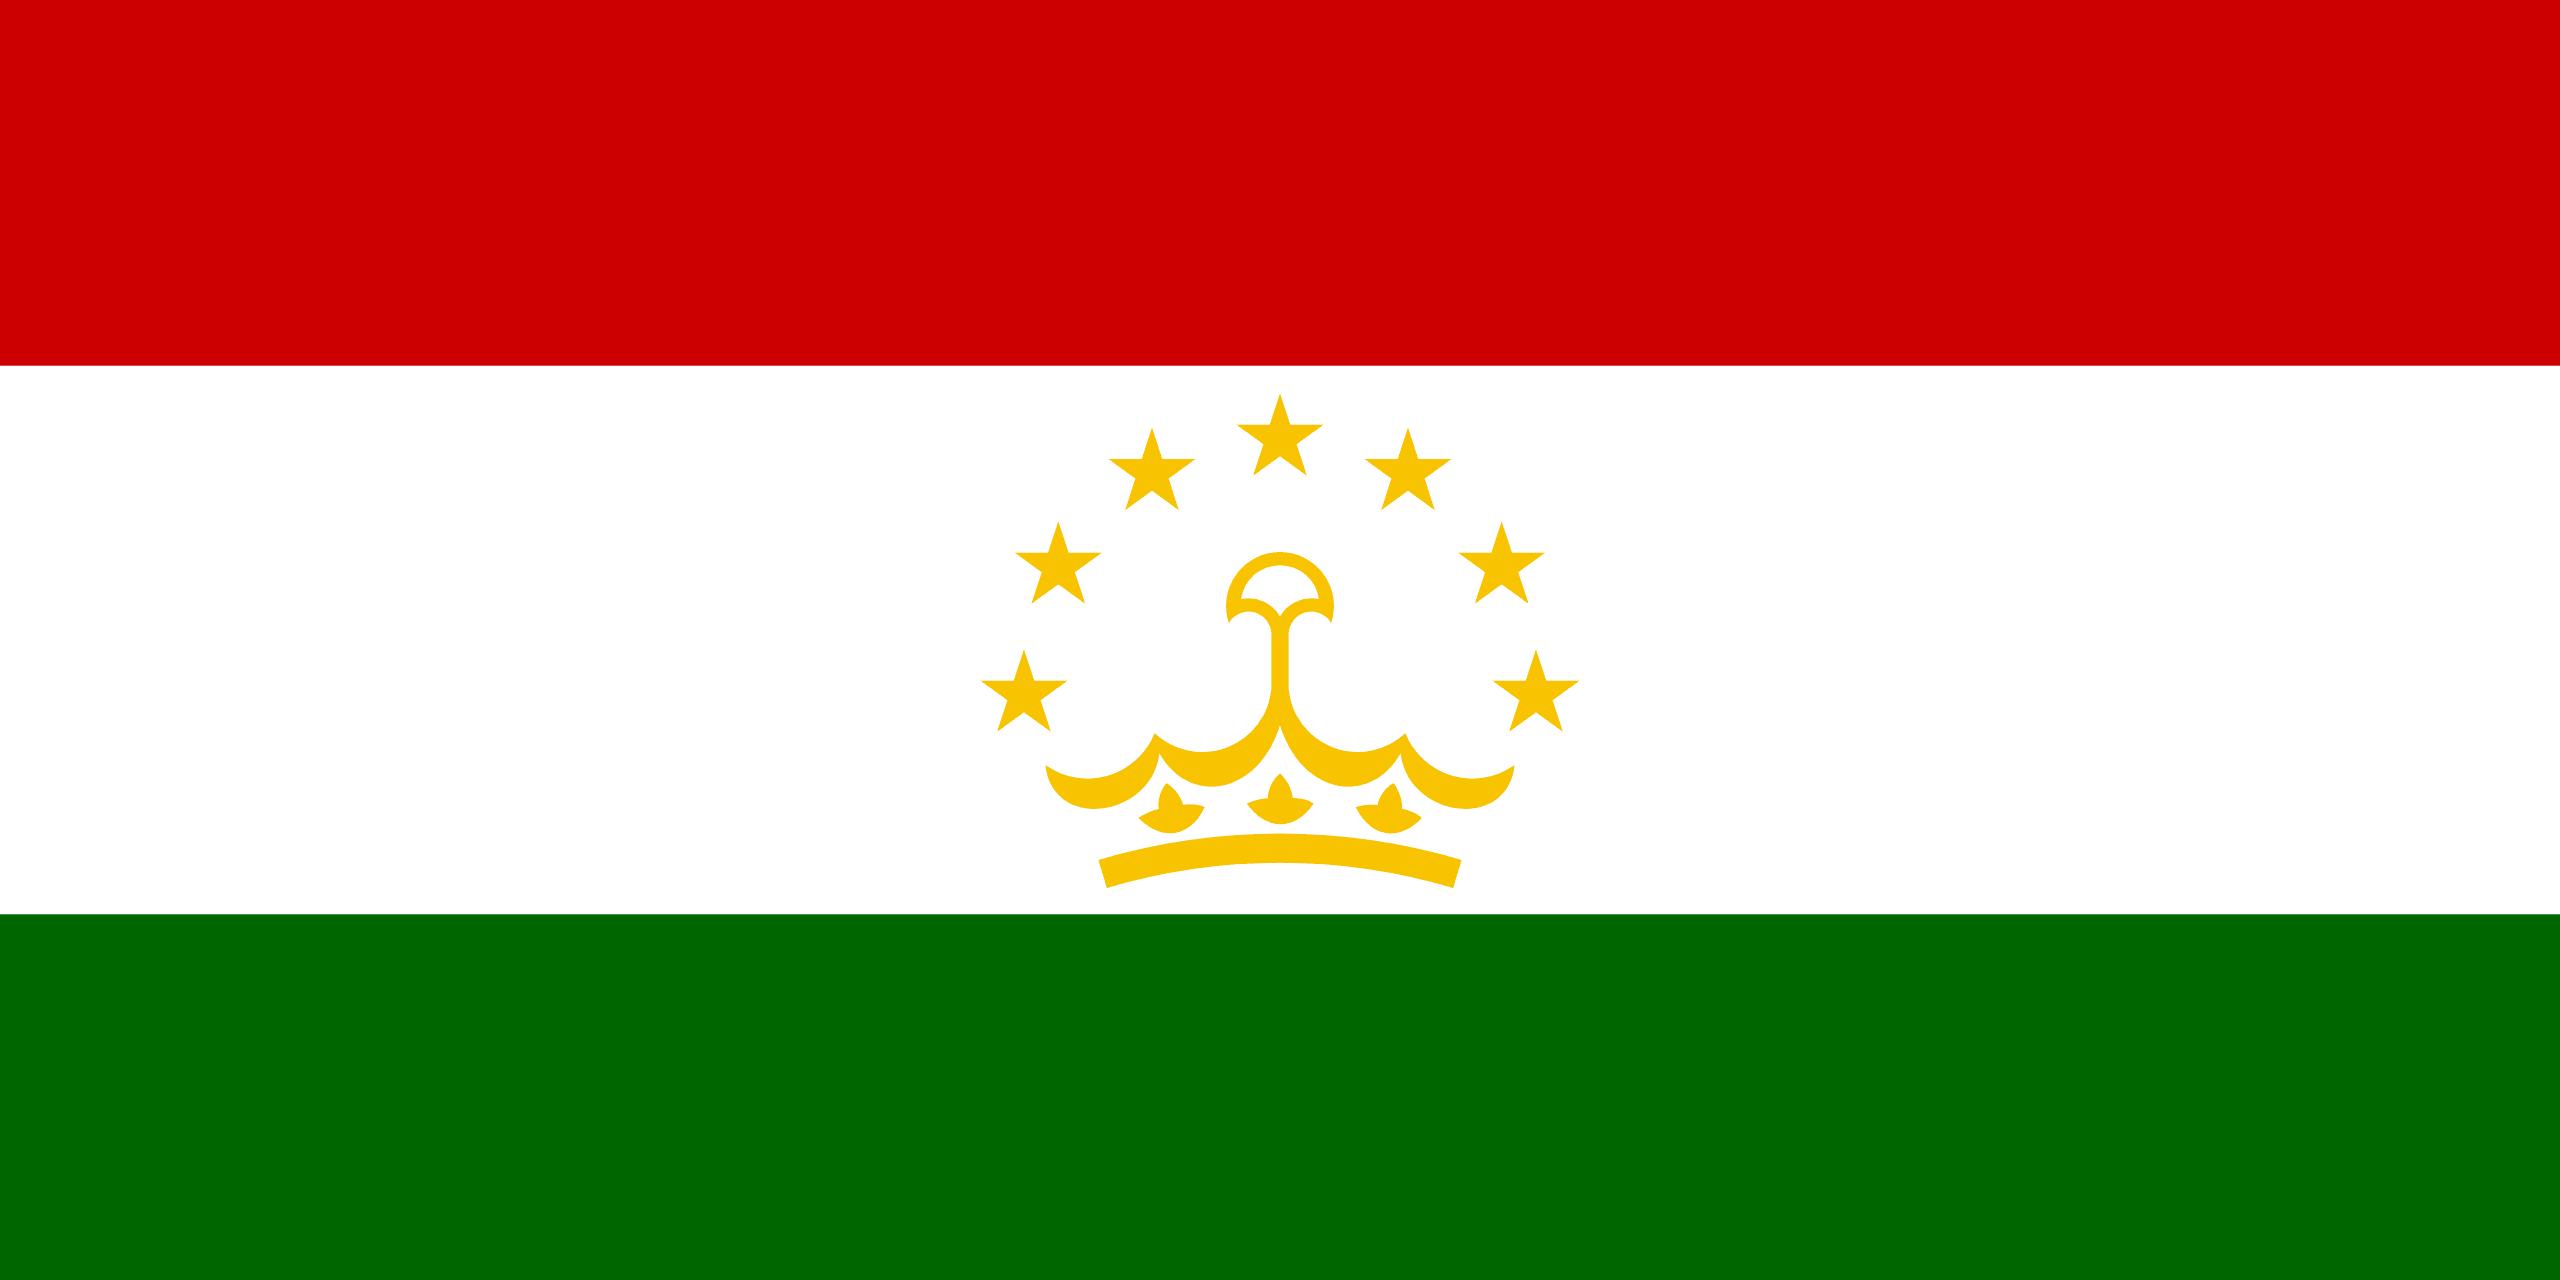 Σημαία Τατζικιστάν